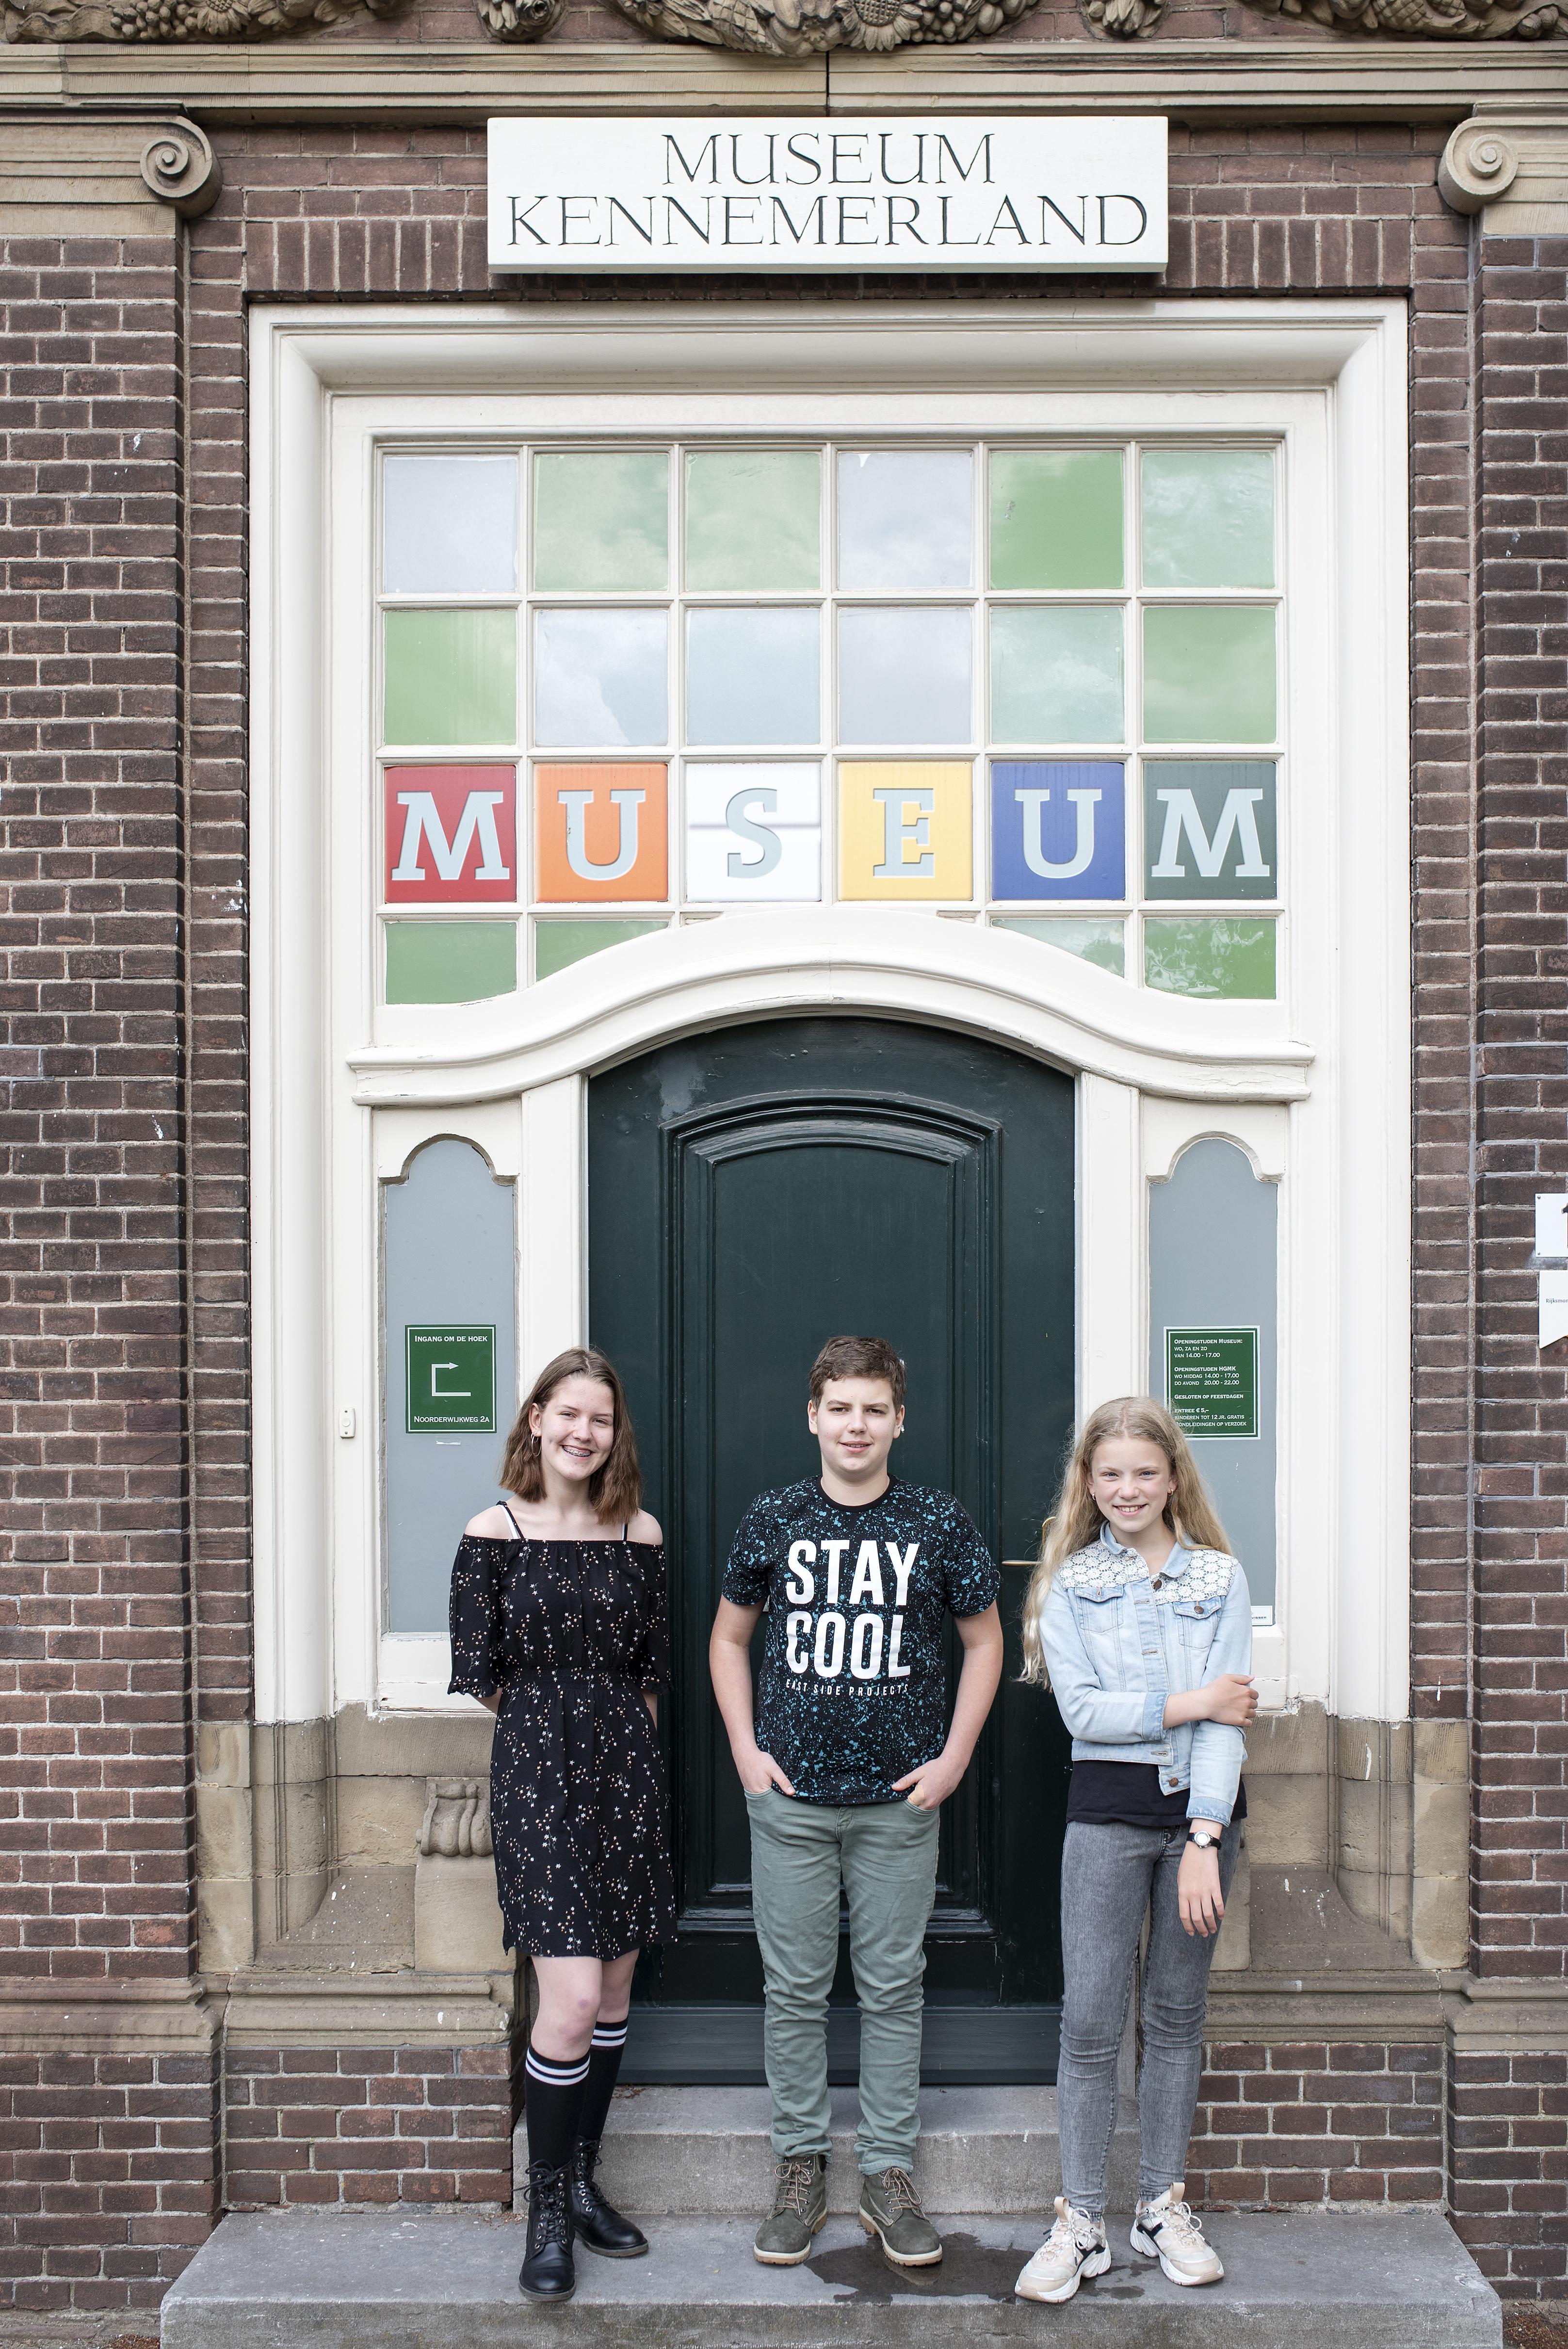 Jeugd maakt promotie voor Museum Kennemerland in Beverwijk: met eigen posters